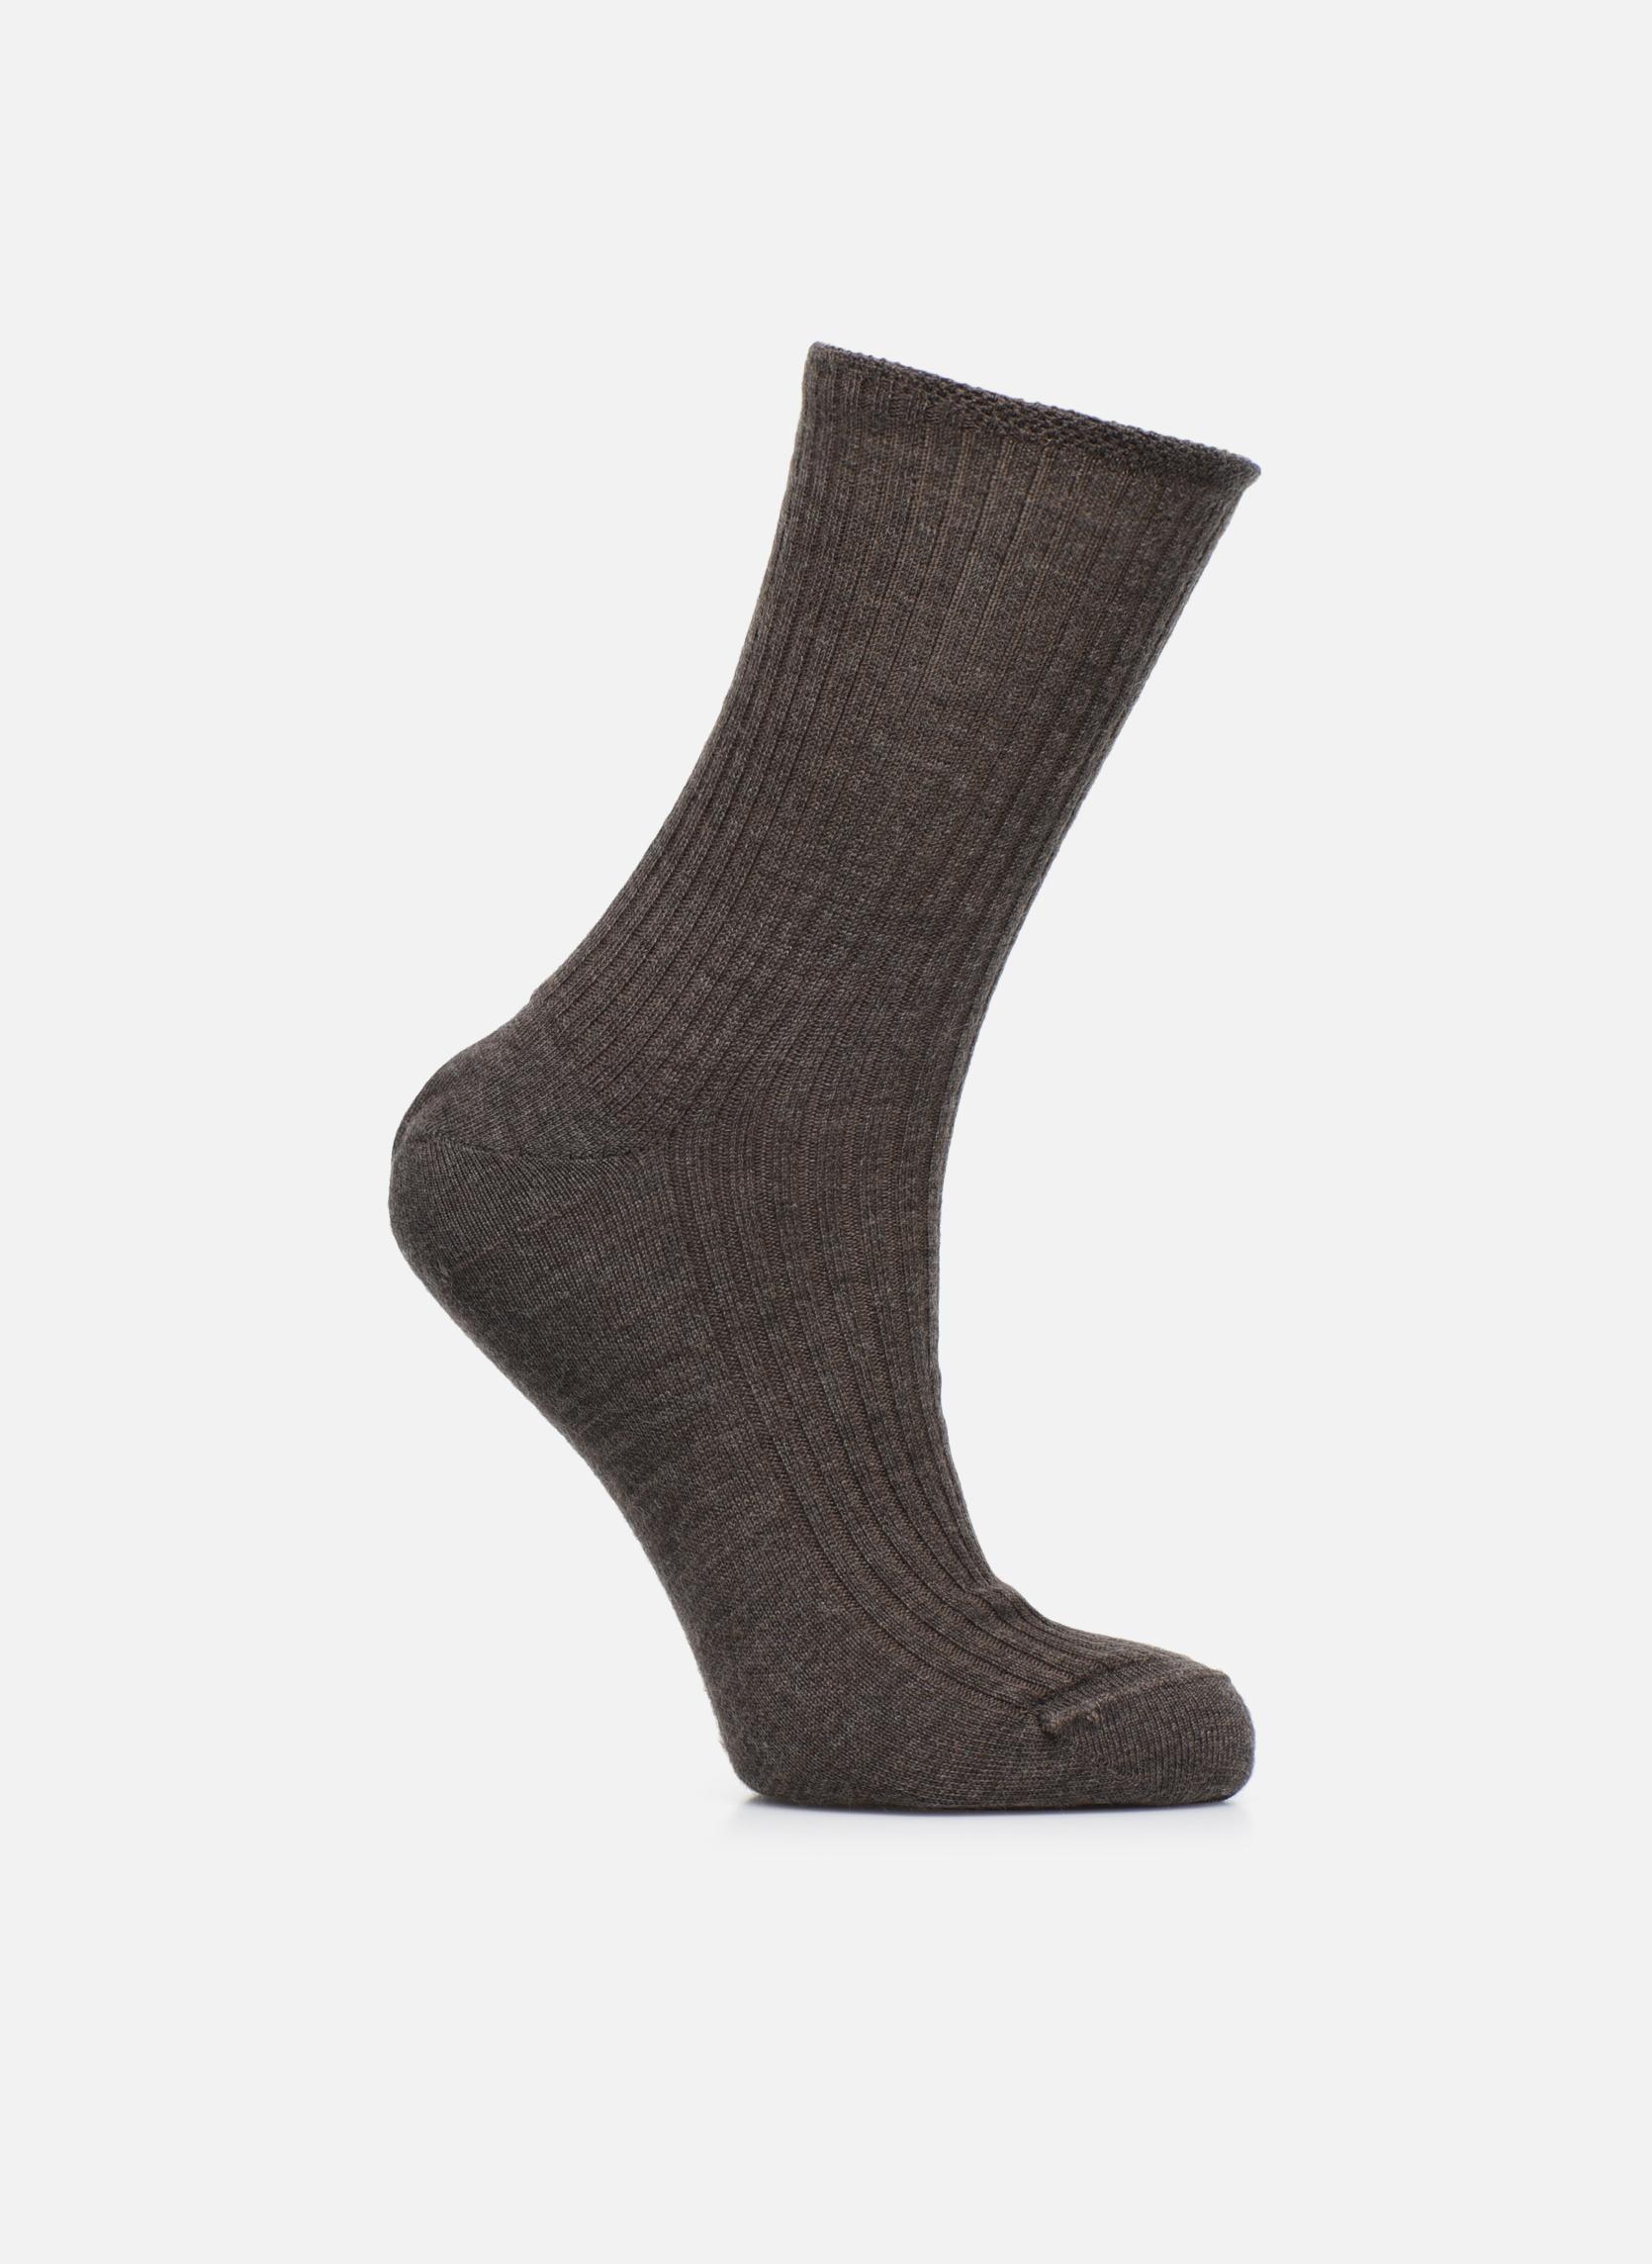 Socken INSÉPARABLE 258 - marron chiné